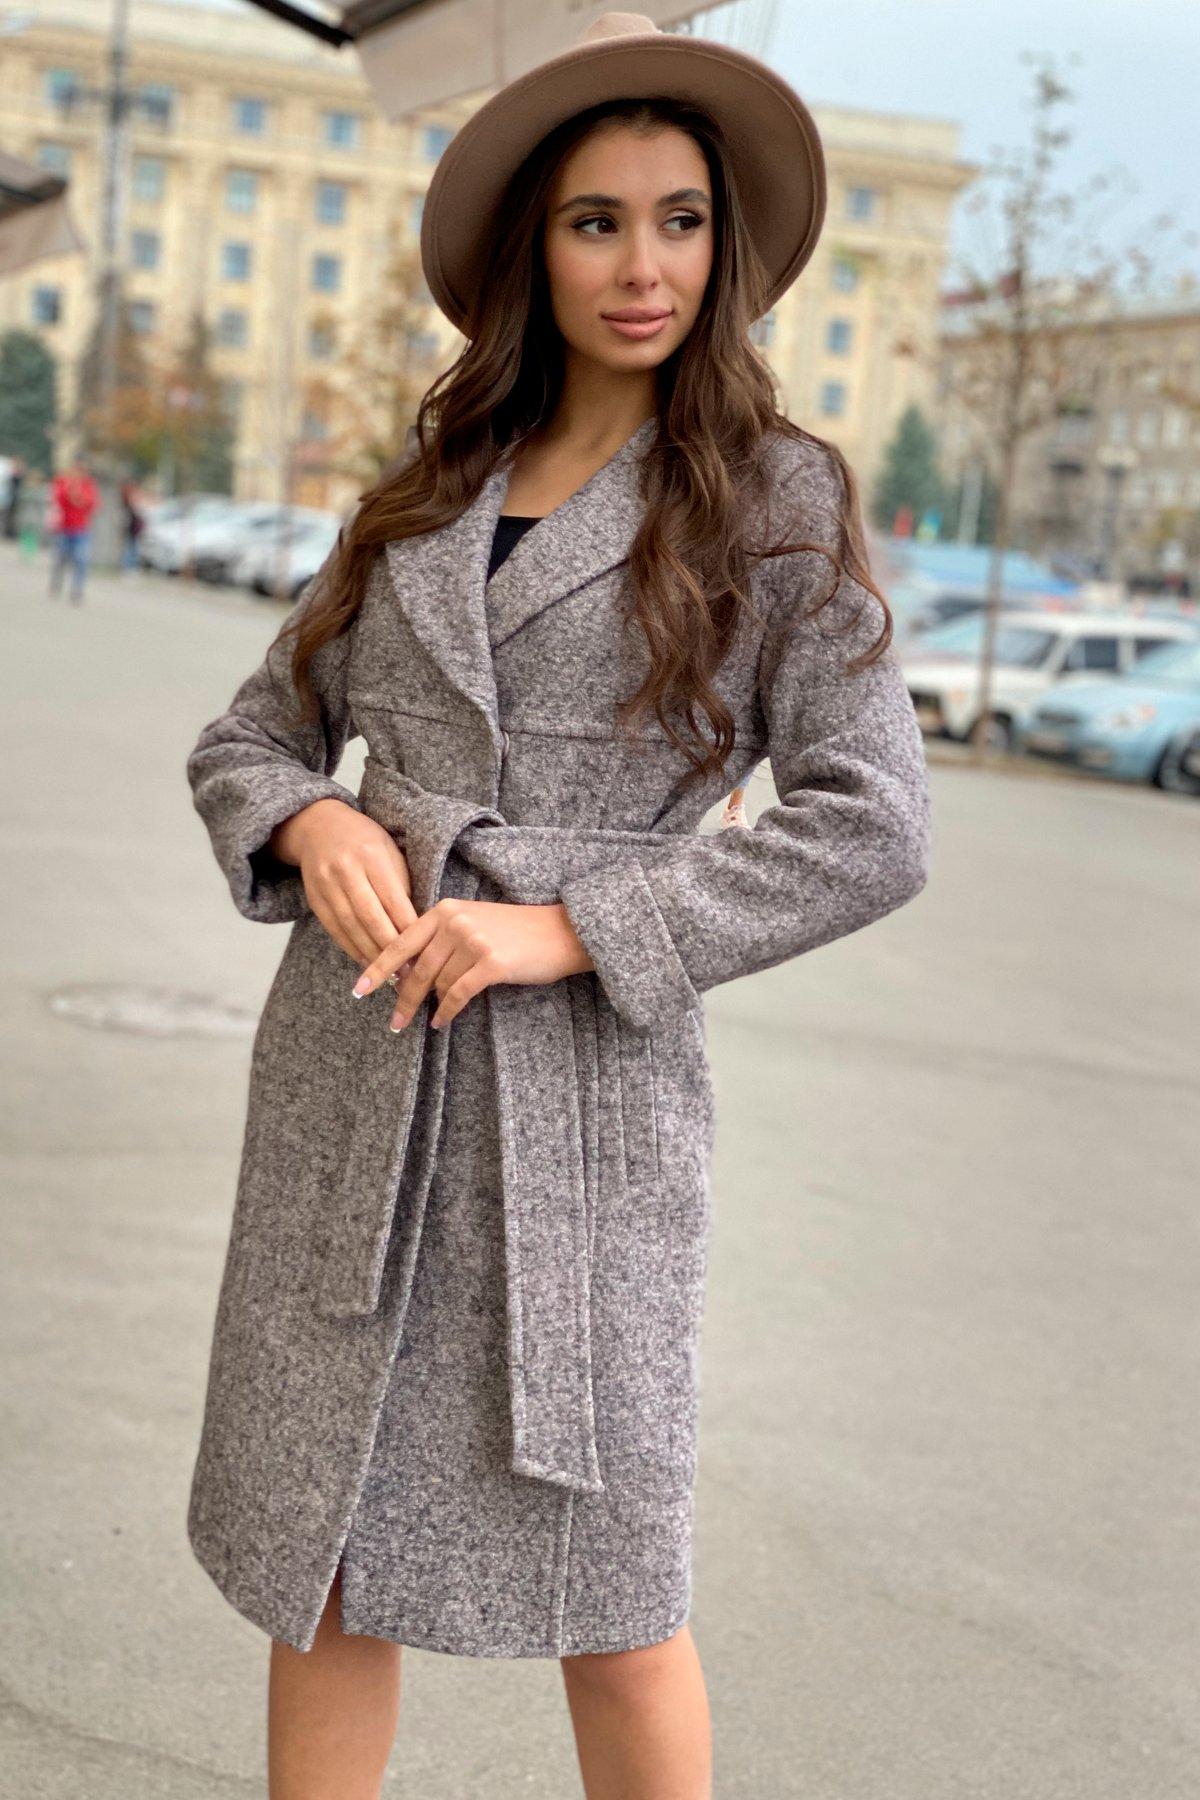 Пальто весна-осень c приспущенной линией плеча Фентези лайт 6365 АРТ. 41230 Цвет: Серо-розовый LW-25 - фото 5, интернет магазин tm-modus.ru